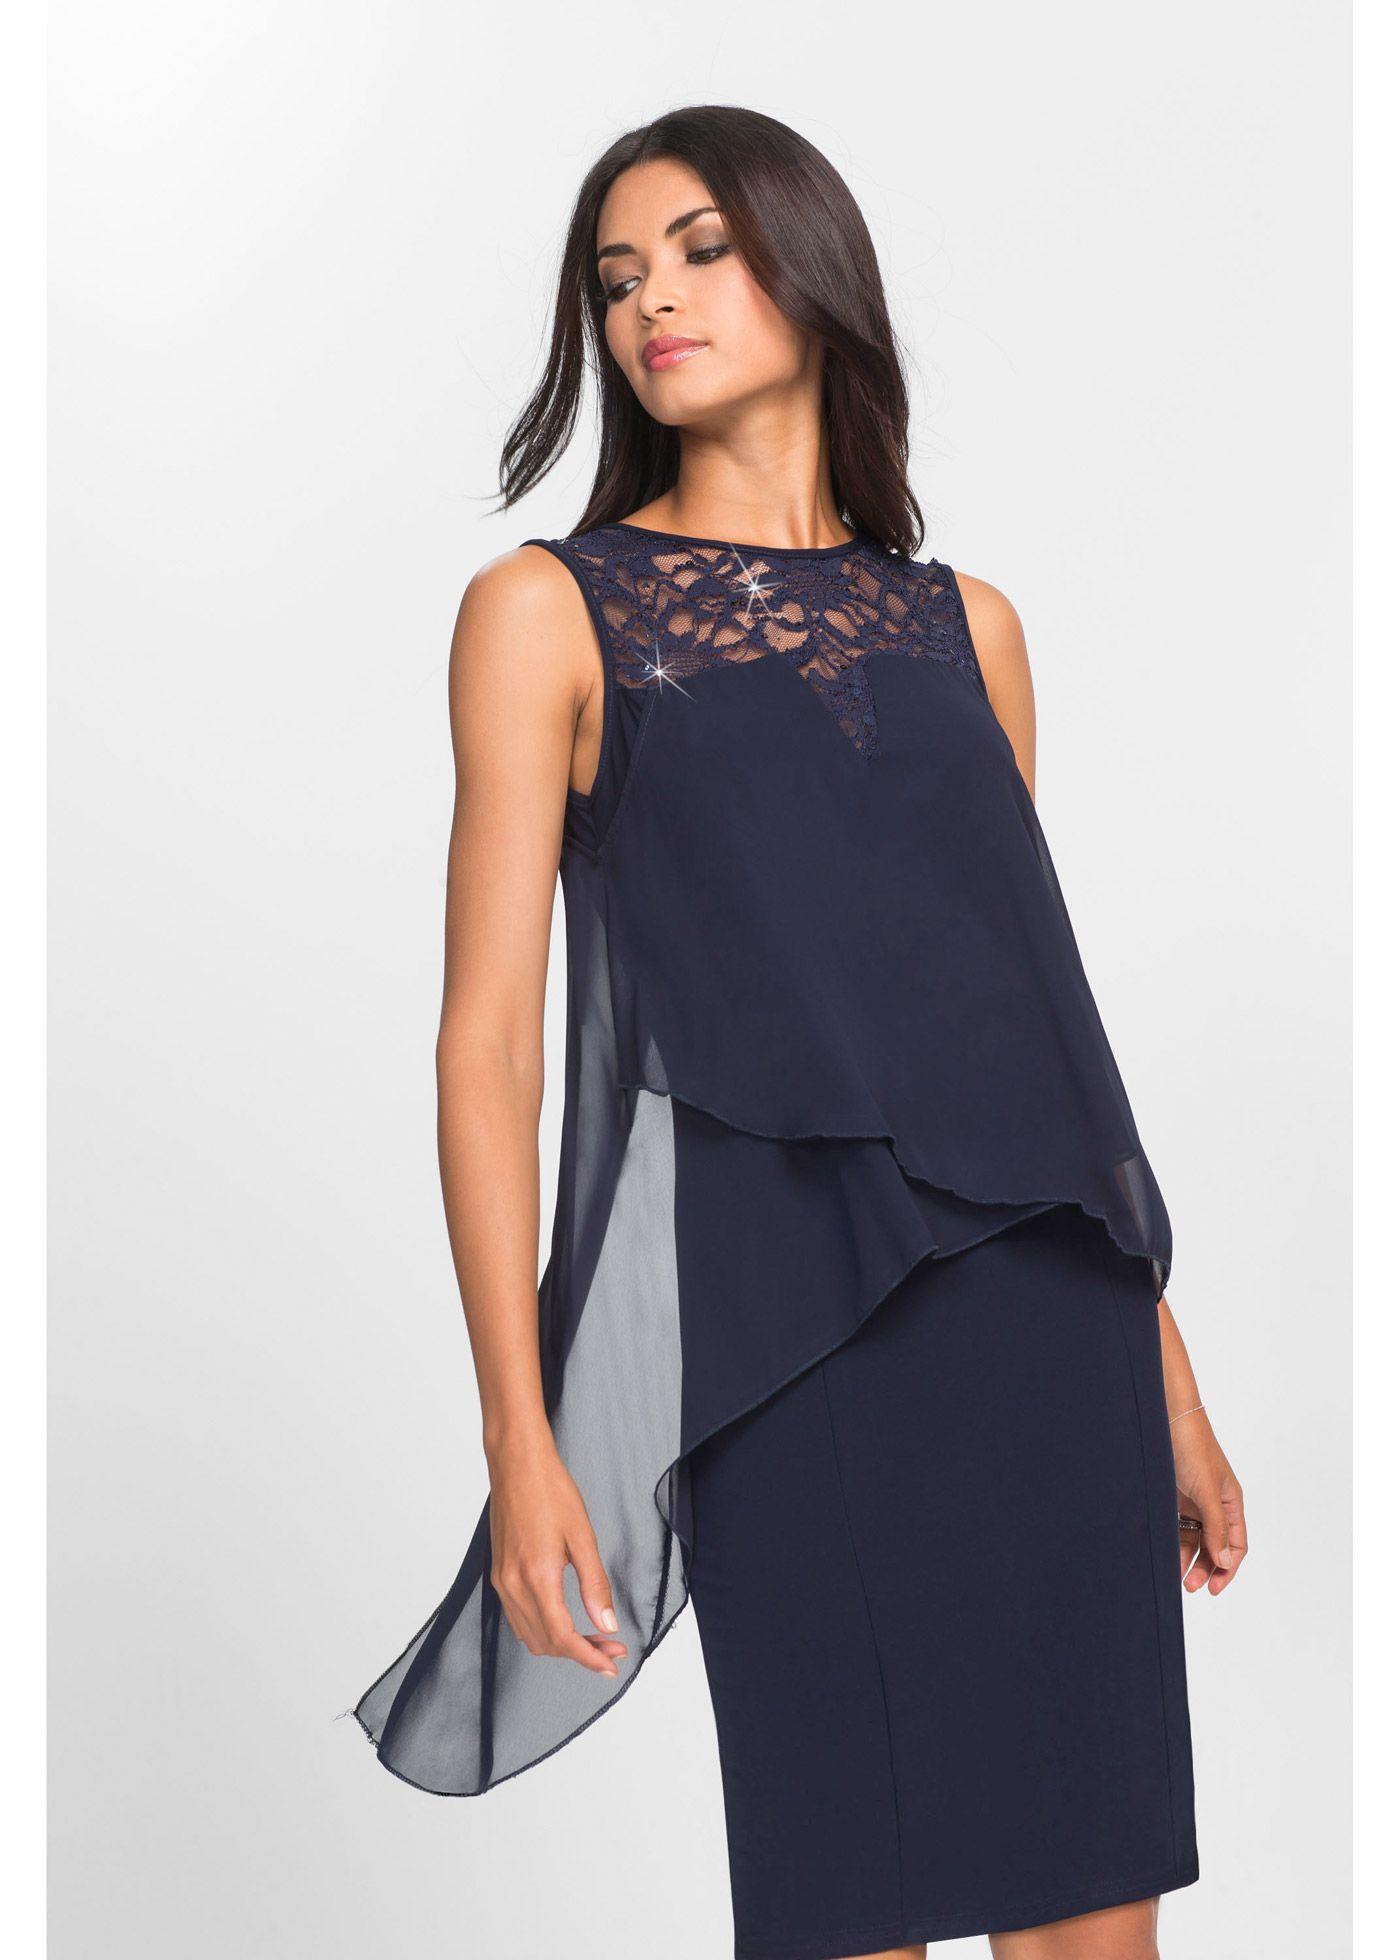 Kleid aus Jersey und Chiffon mitternachtsblau jetzt im Online Shop